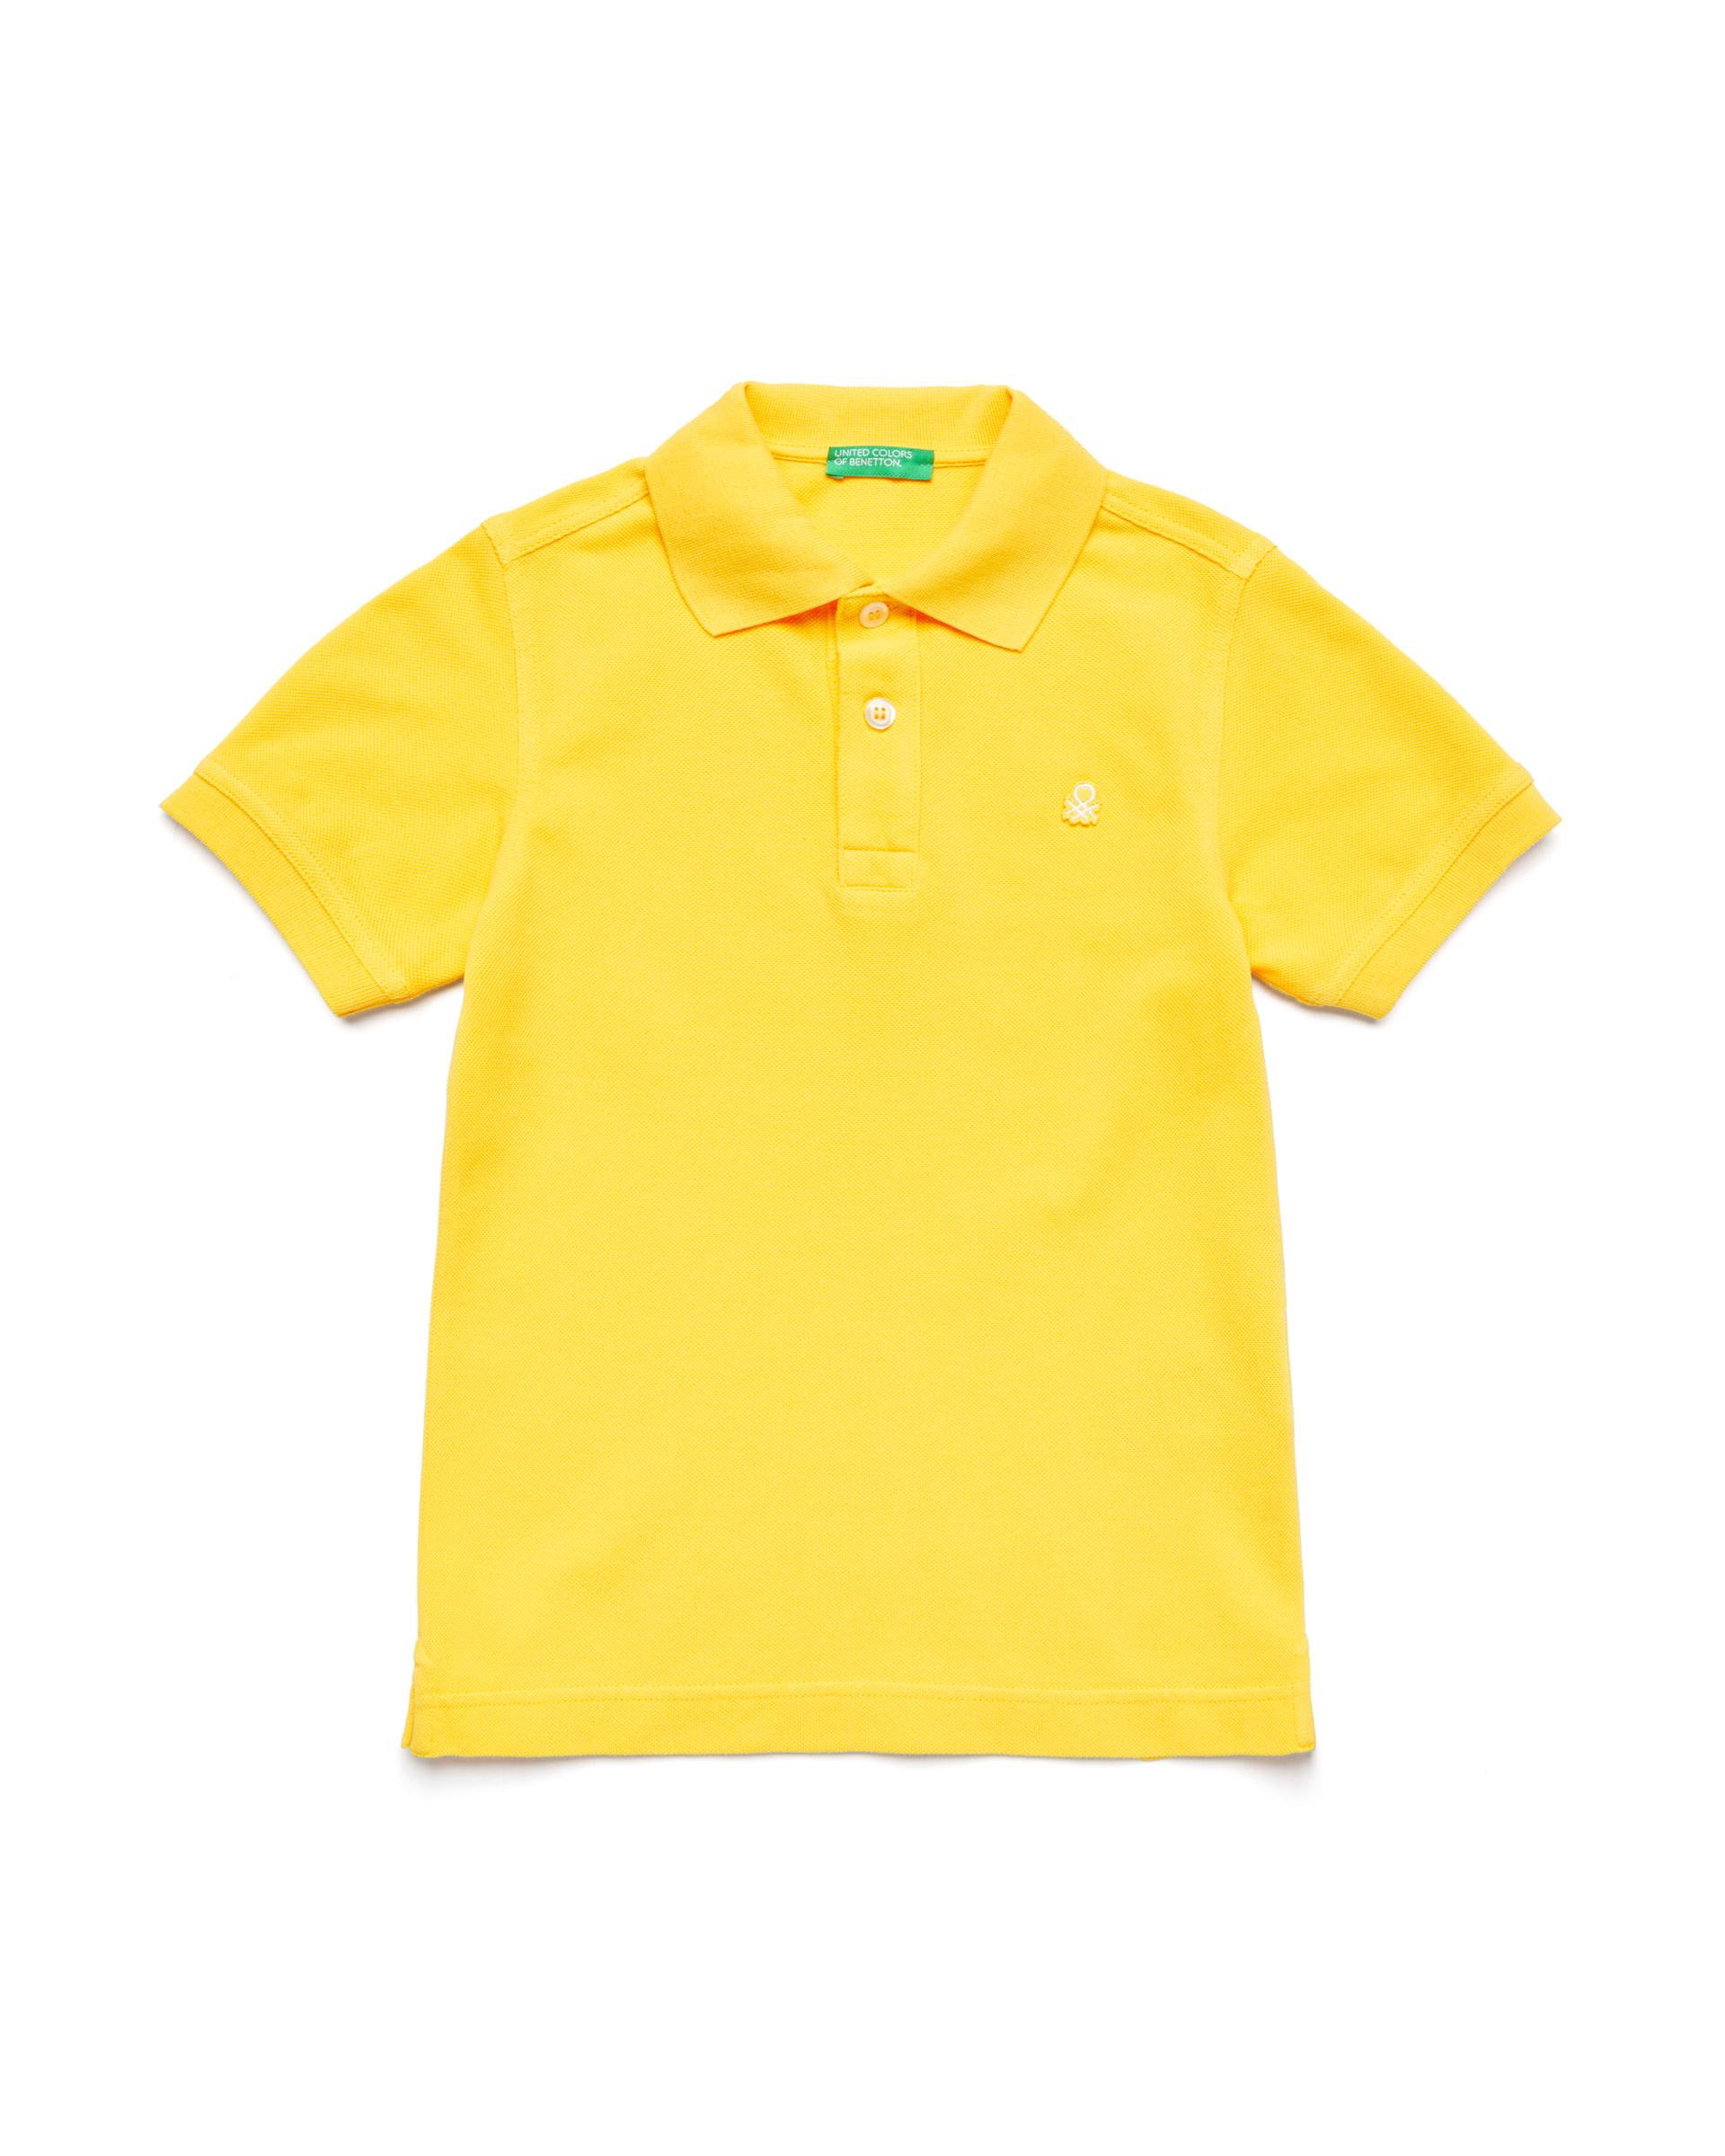 Купить 20P_3089C3091_3N7, Поло-пике для мальчиков Benetton 3089C3091_3N7 р-р 80, United Colors of Benetton, Кофточки, футболки для новорожденных